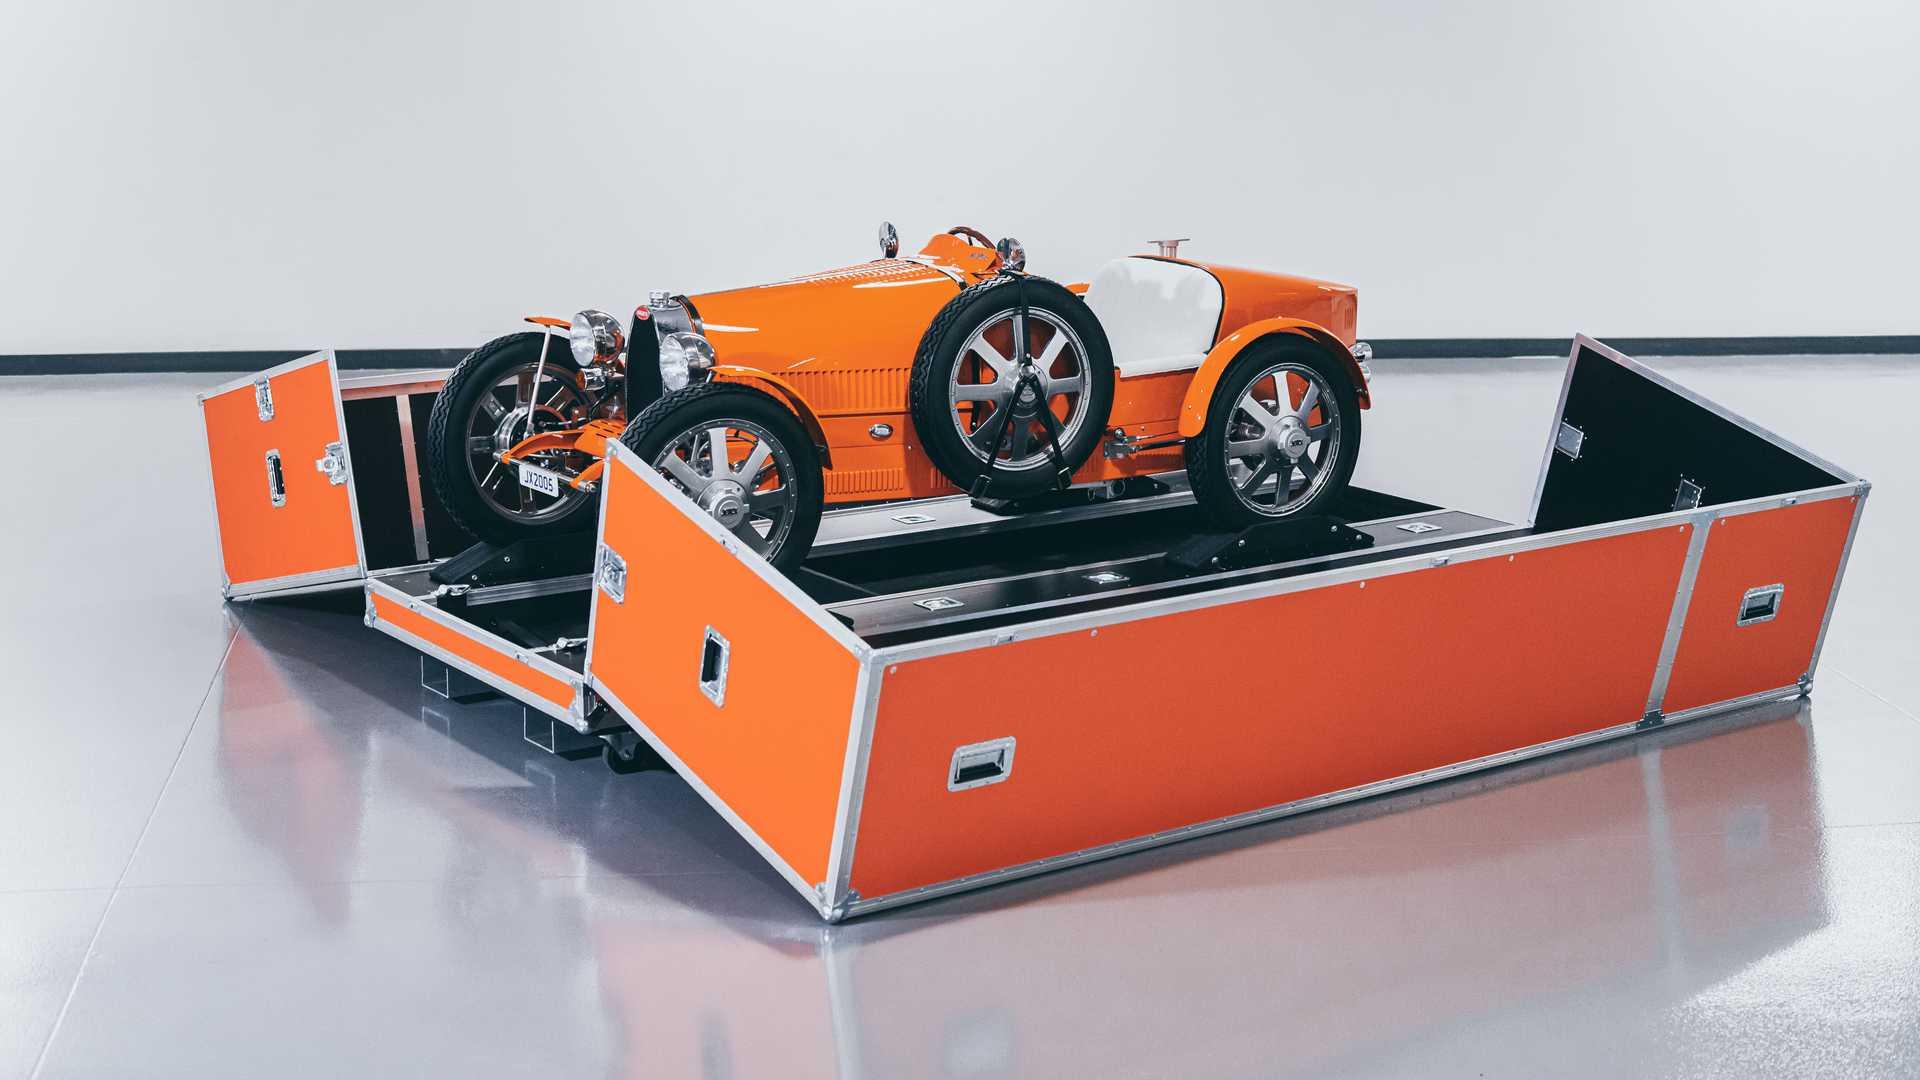 Копию исторической Type 35 в масштабе 3:4 на днях начали получать первые покупатели. Постройкой занимается компания The Little Car Company, и предназначен электрический автомобиль для детей или небольших взрослых.